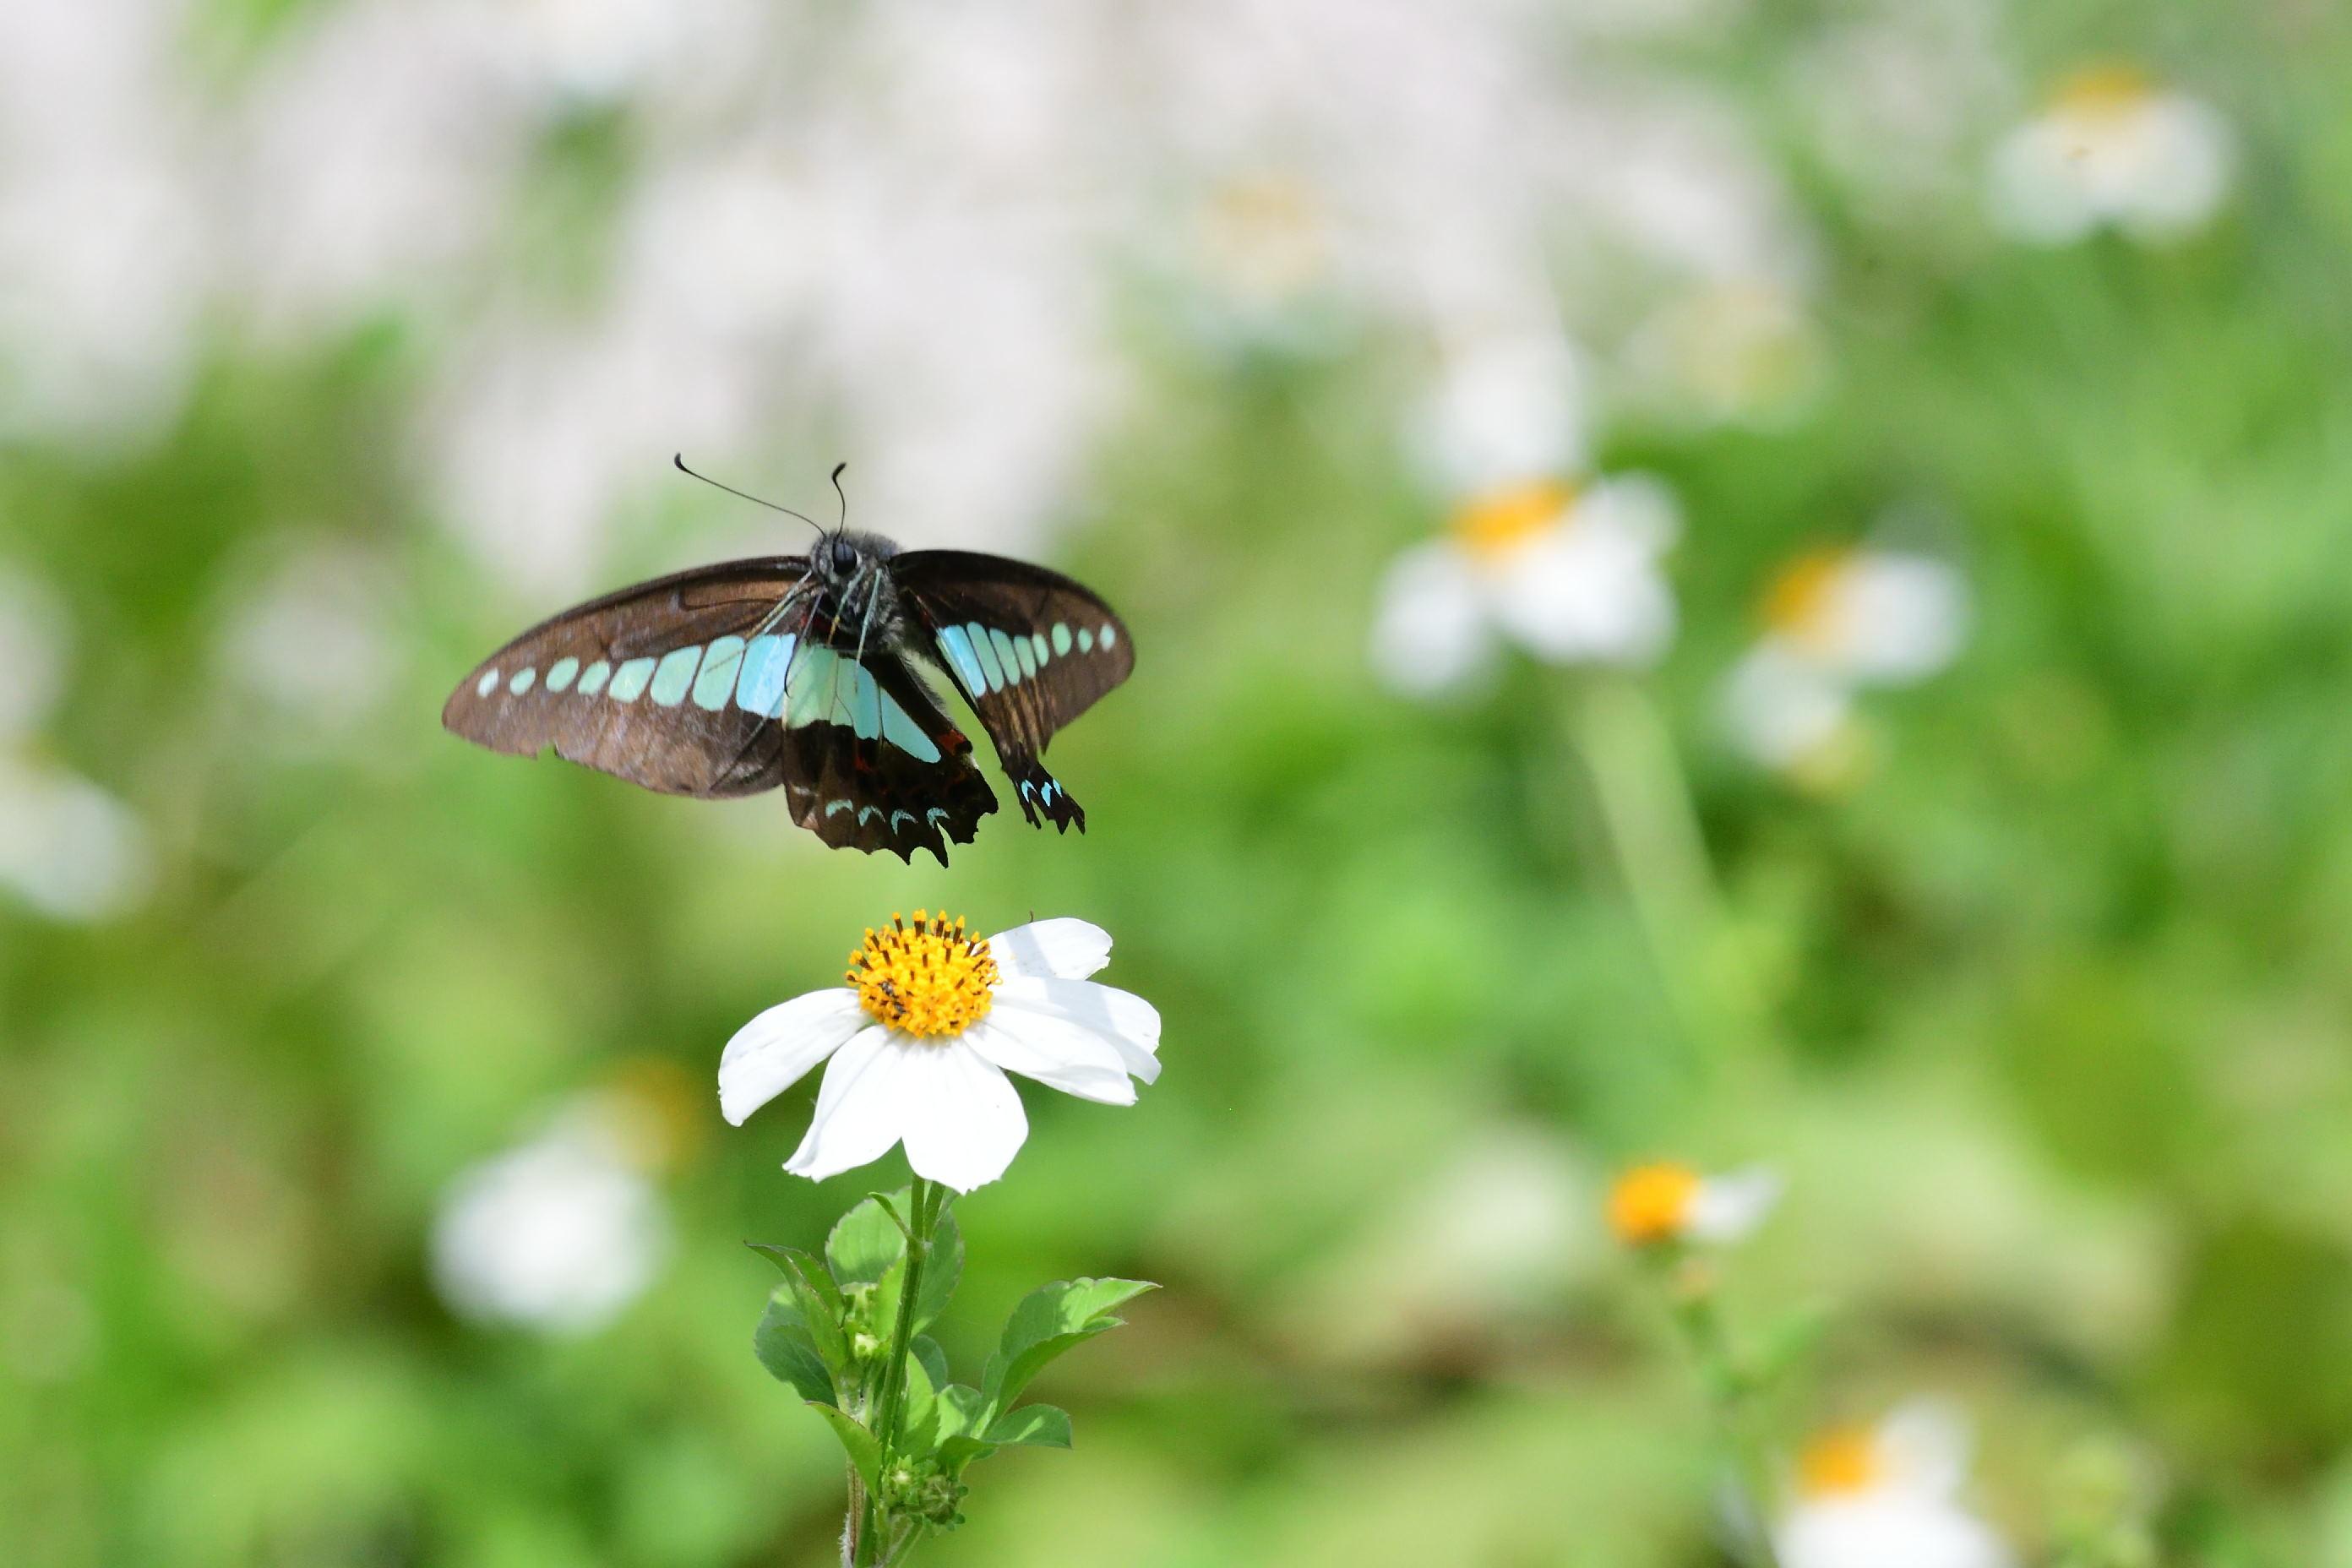 アゲハチョウ科4種の飛翔  in屋久島_d0285540_21074361.jpg